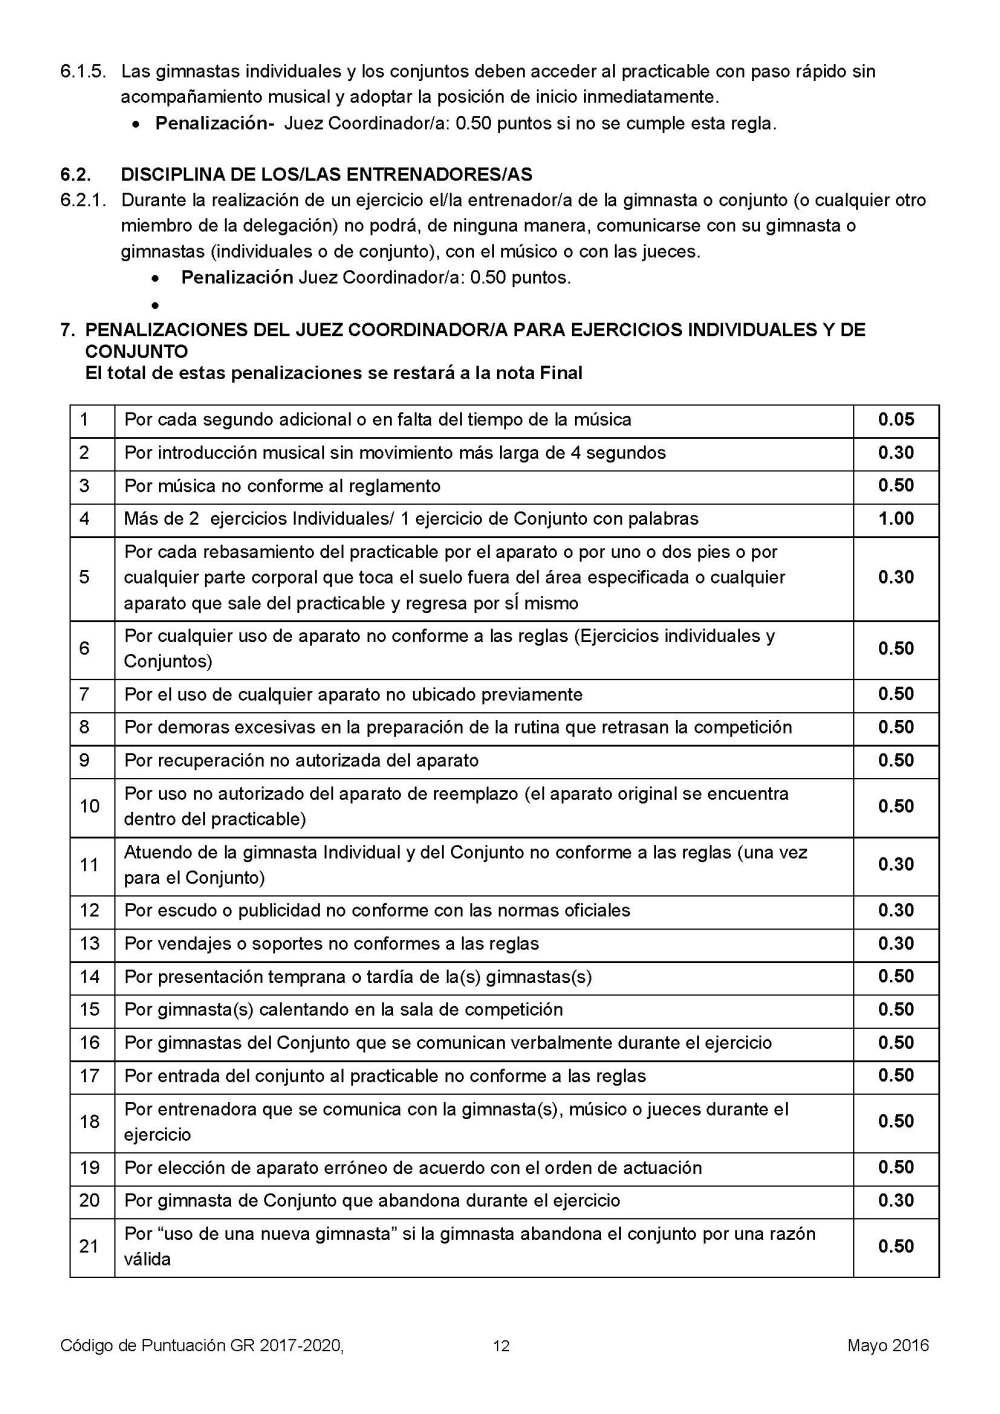 codigo20172020_Página_12